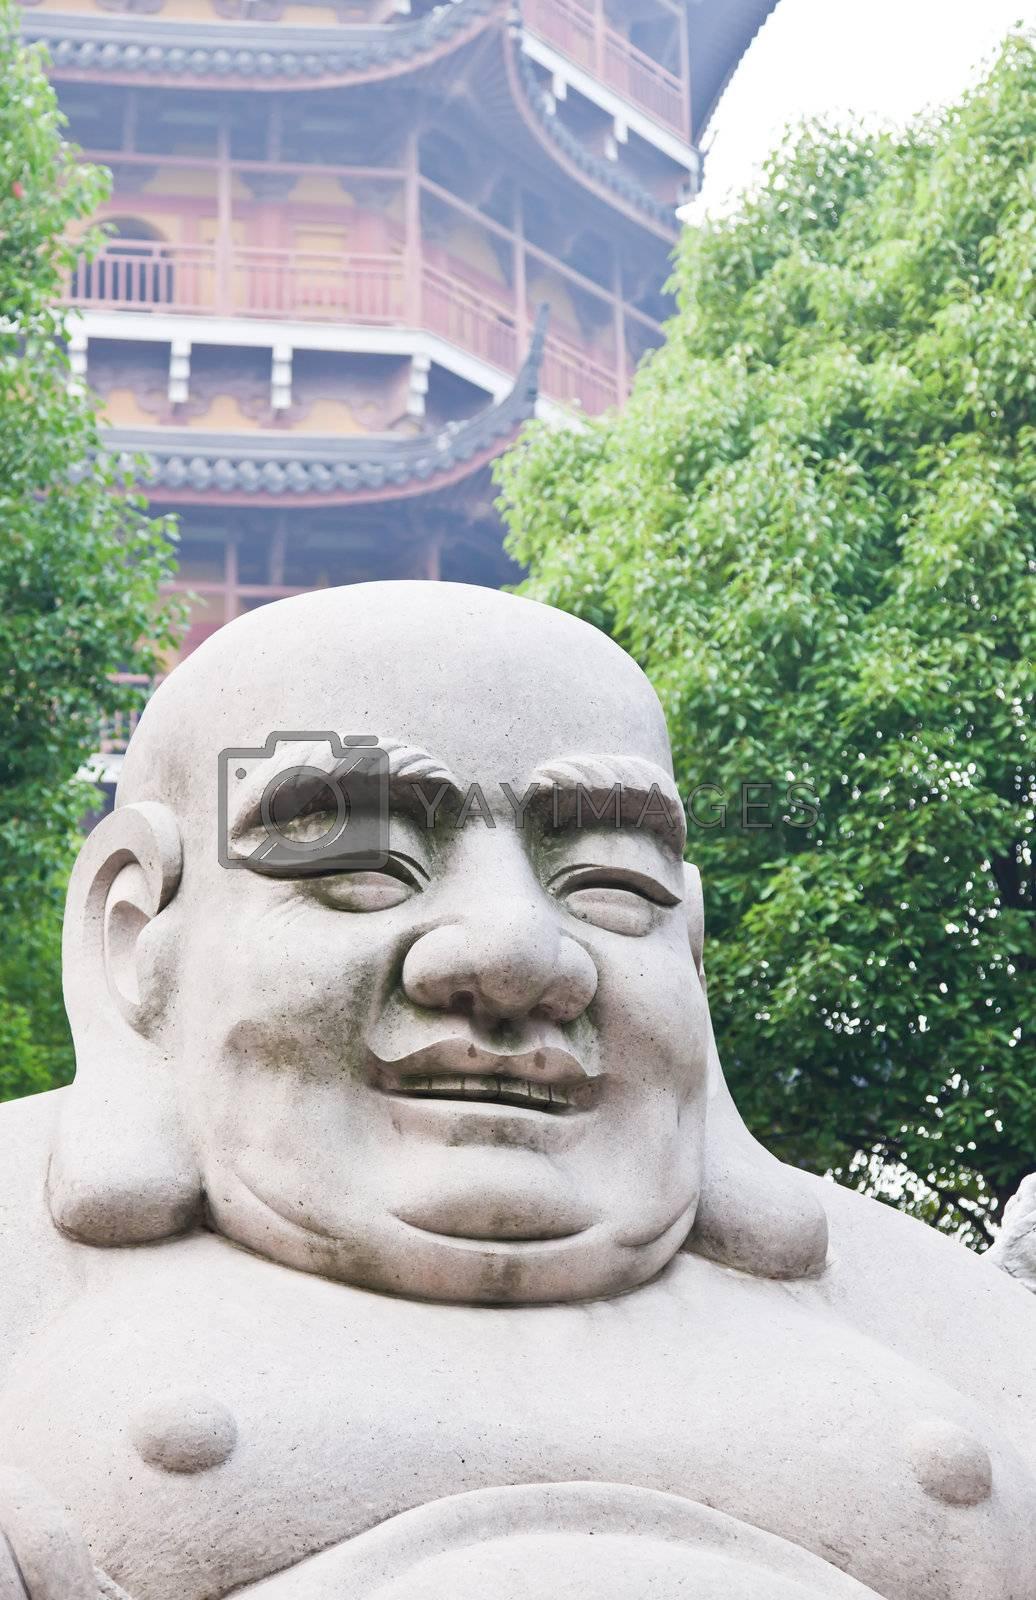 laughing buddha in Basita pagoda in Suzhou China